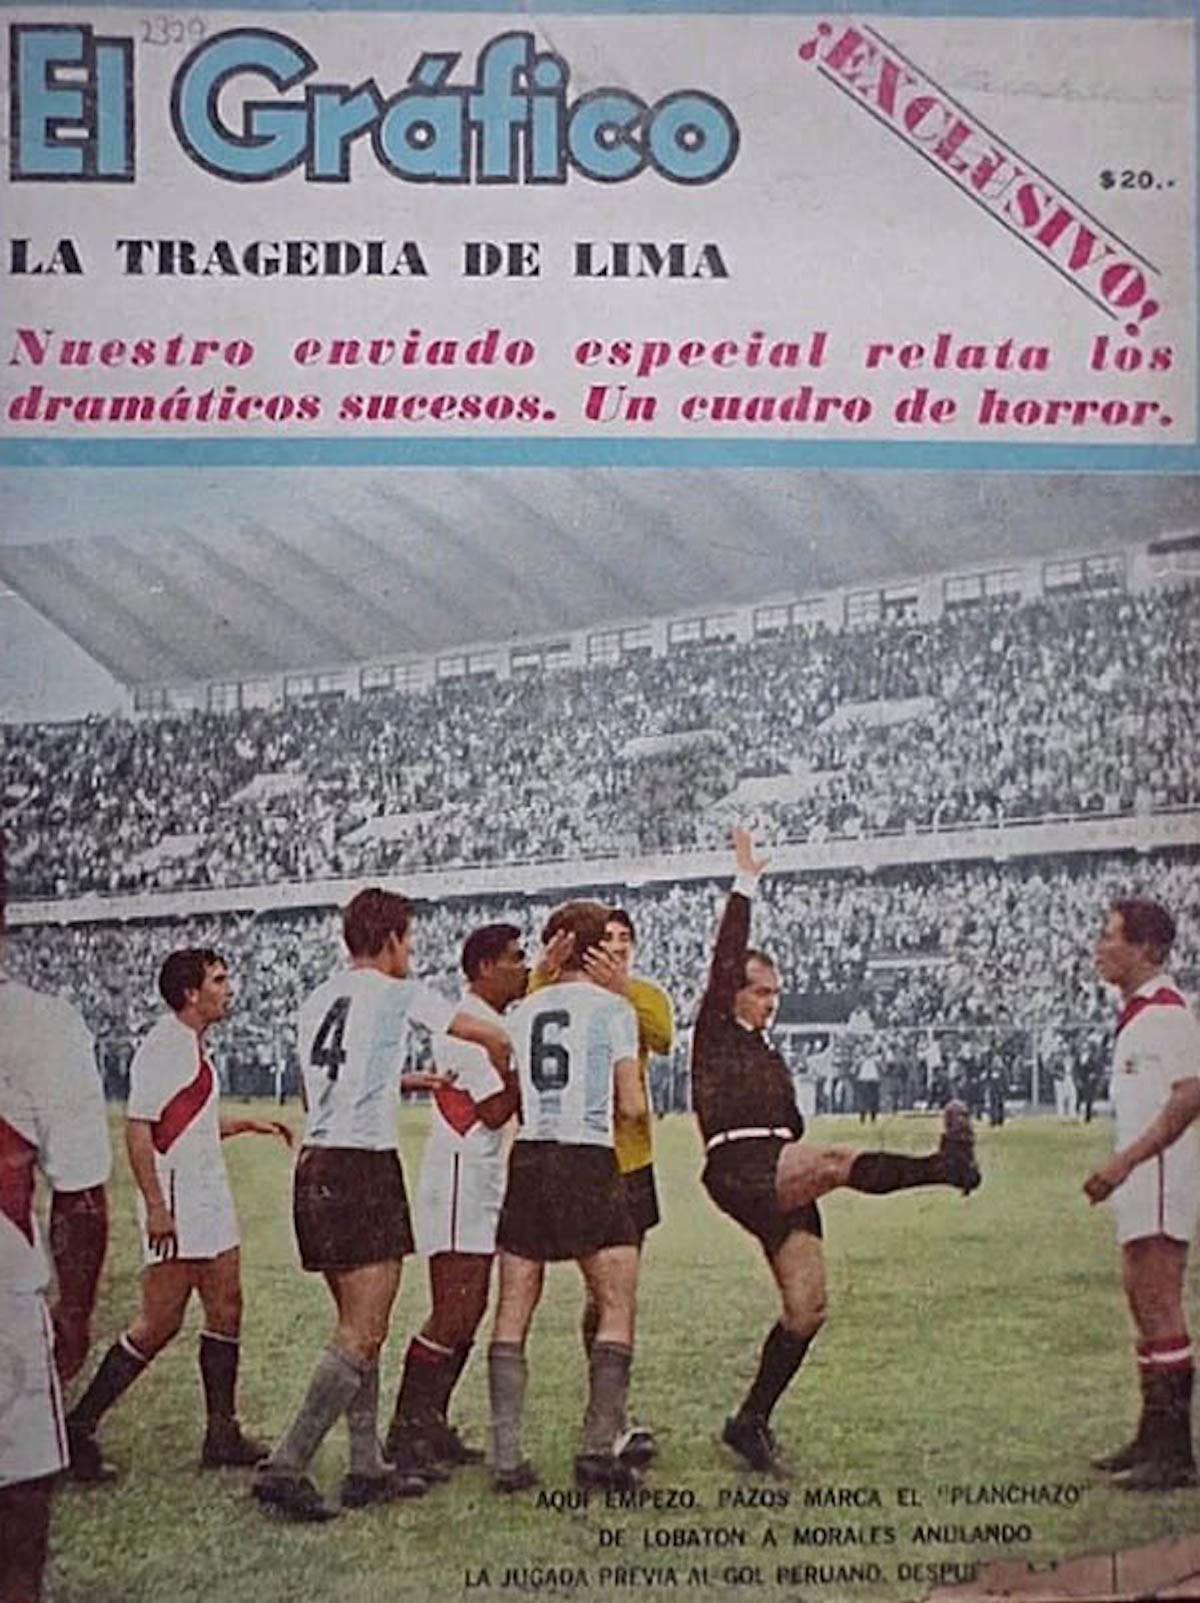 Lima tragedy